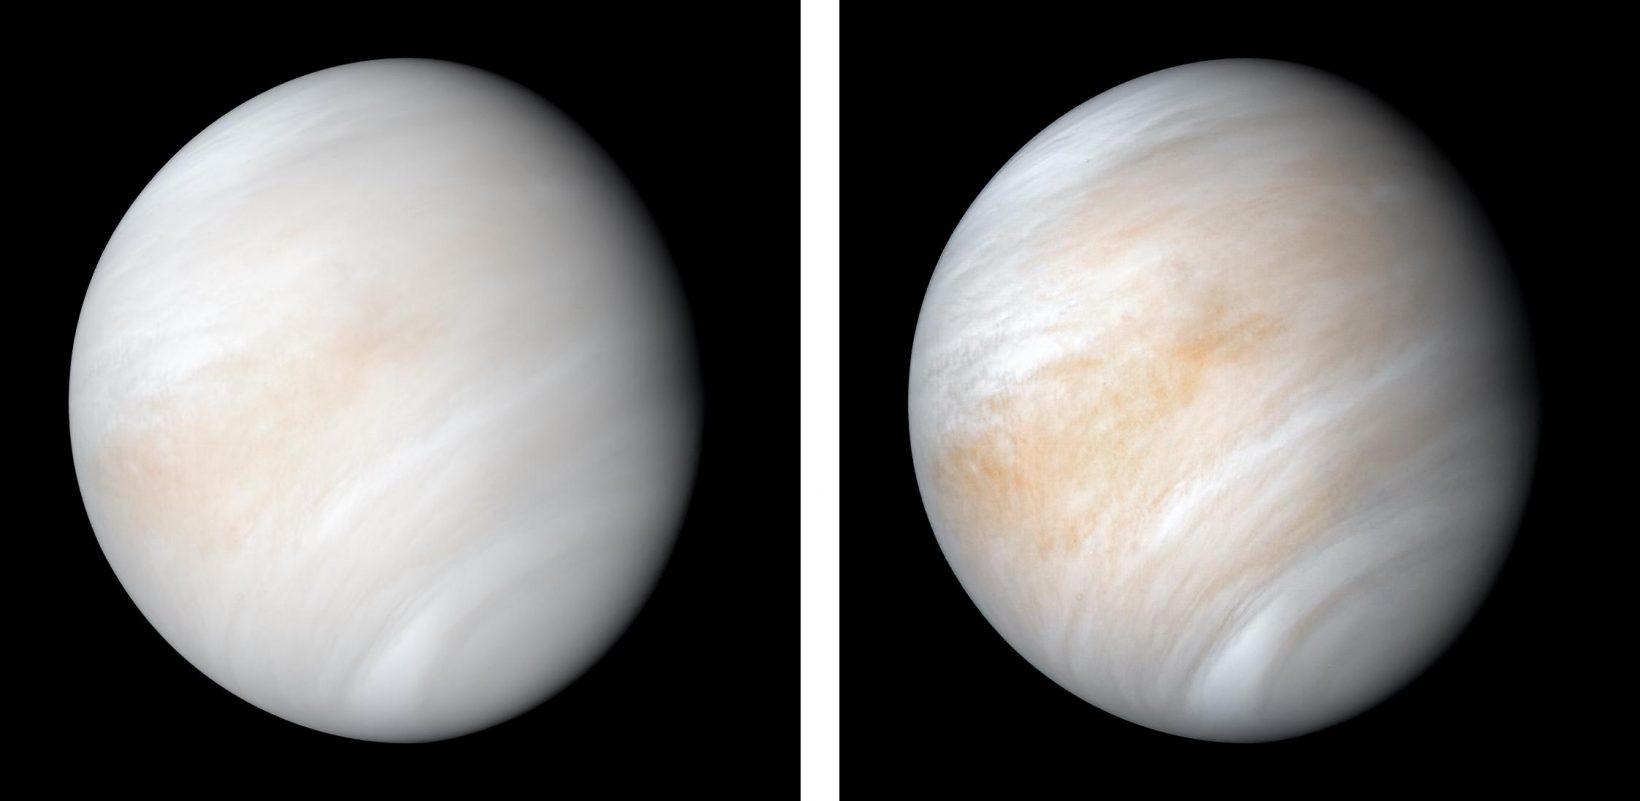 Venus by Mariner 10 enhanced